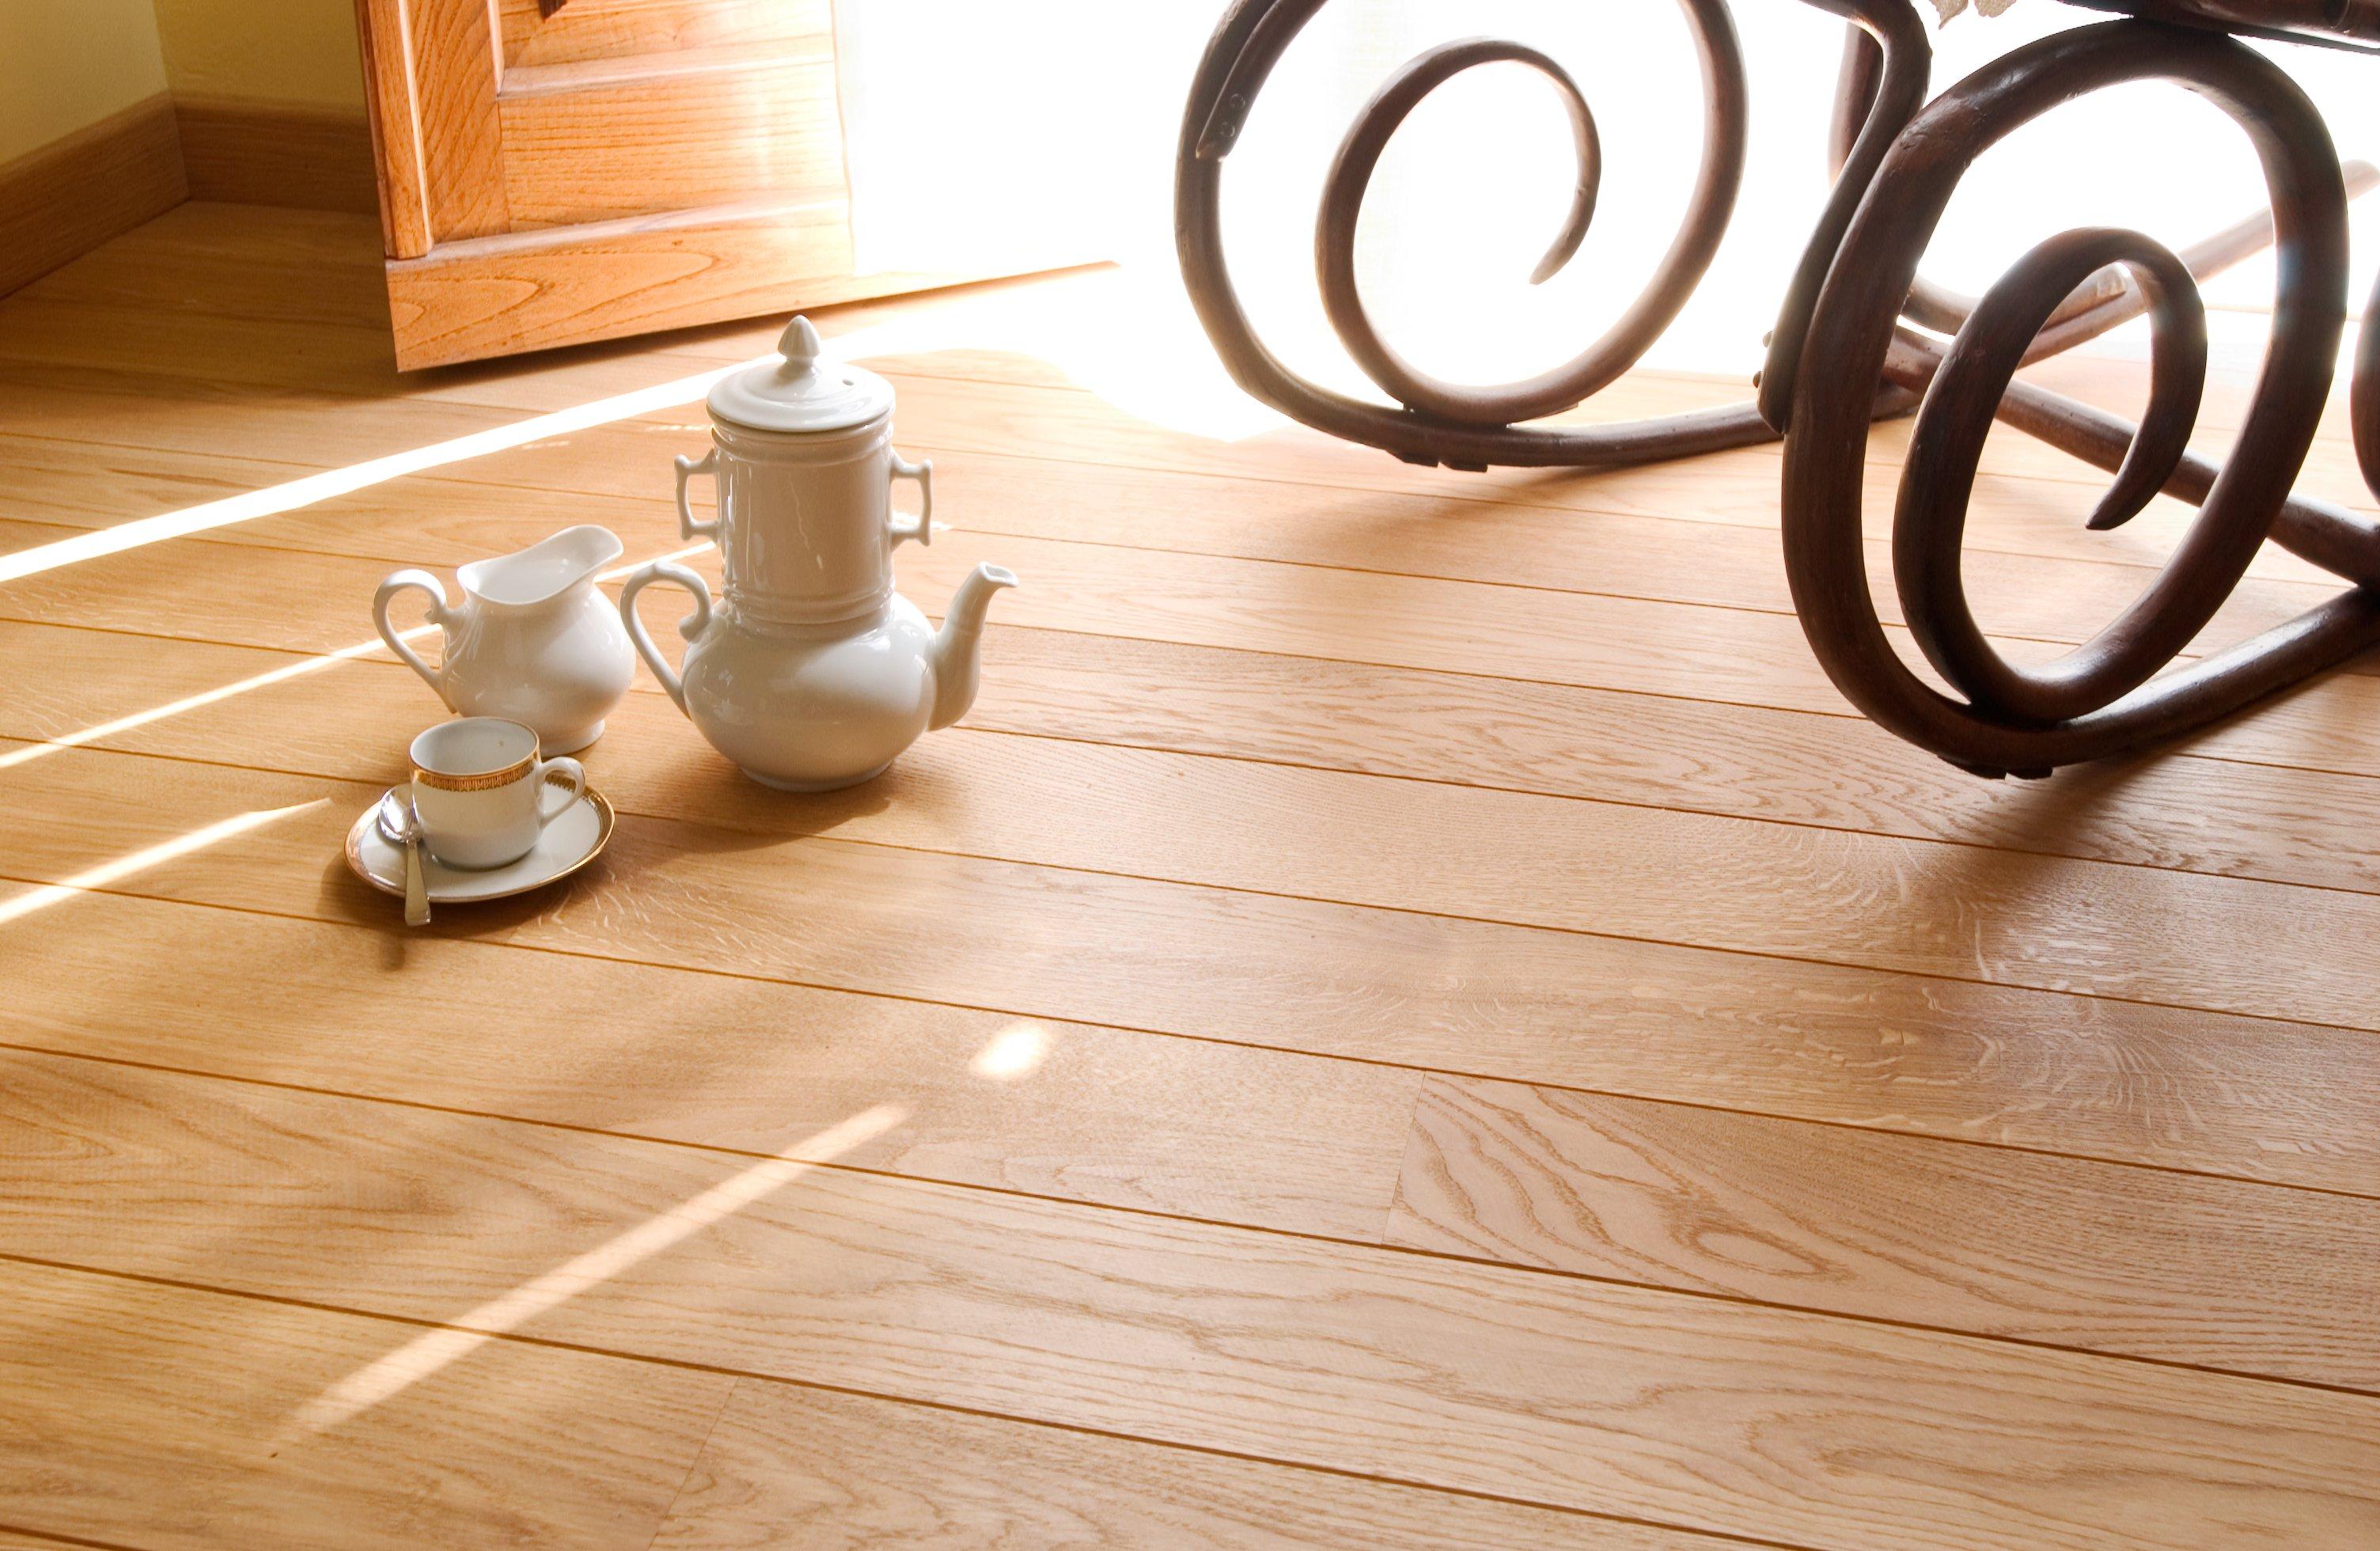 Pavimenti In Legno Rovere : Linea antica ferriera parquet pavimento in legno massello om legno